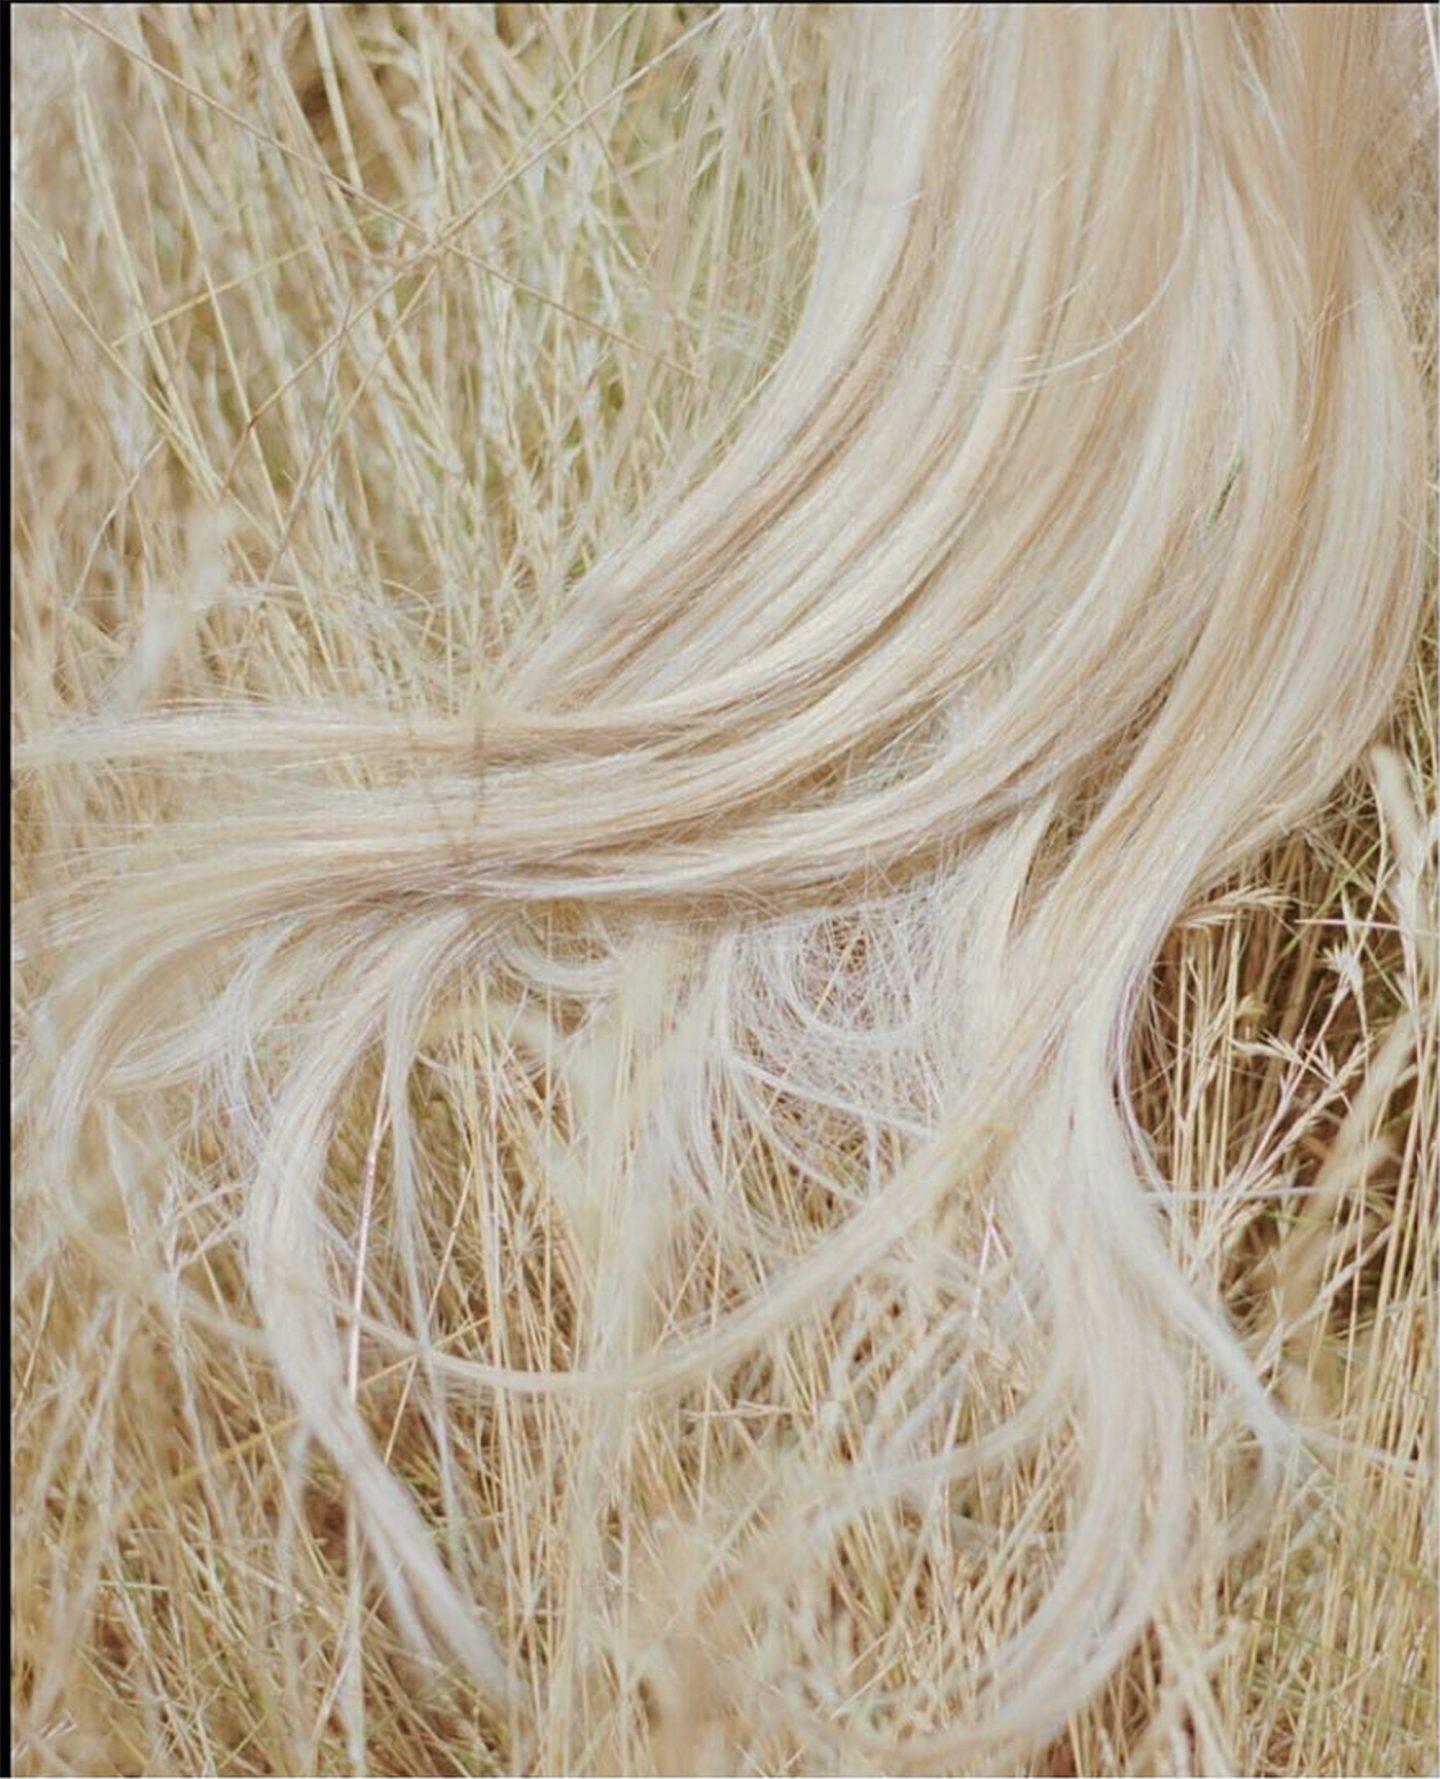 IGNANT-Photography-Jennifer-Latour-01